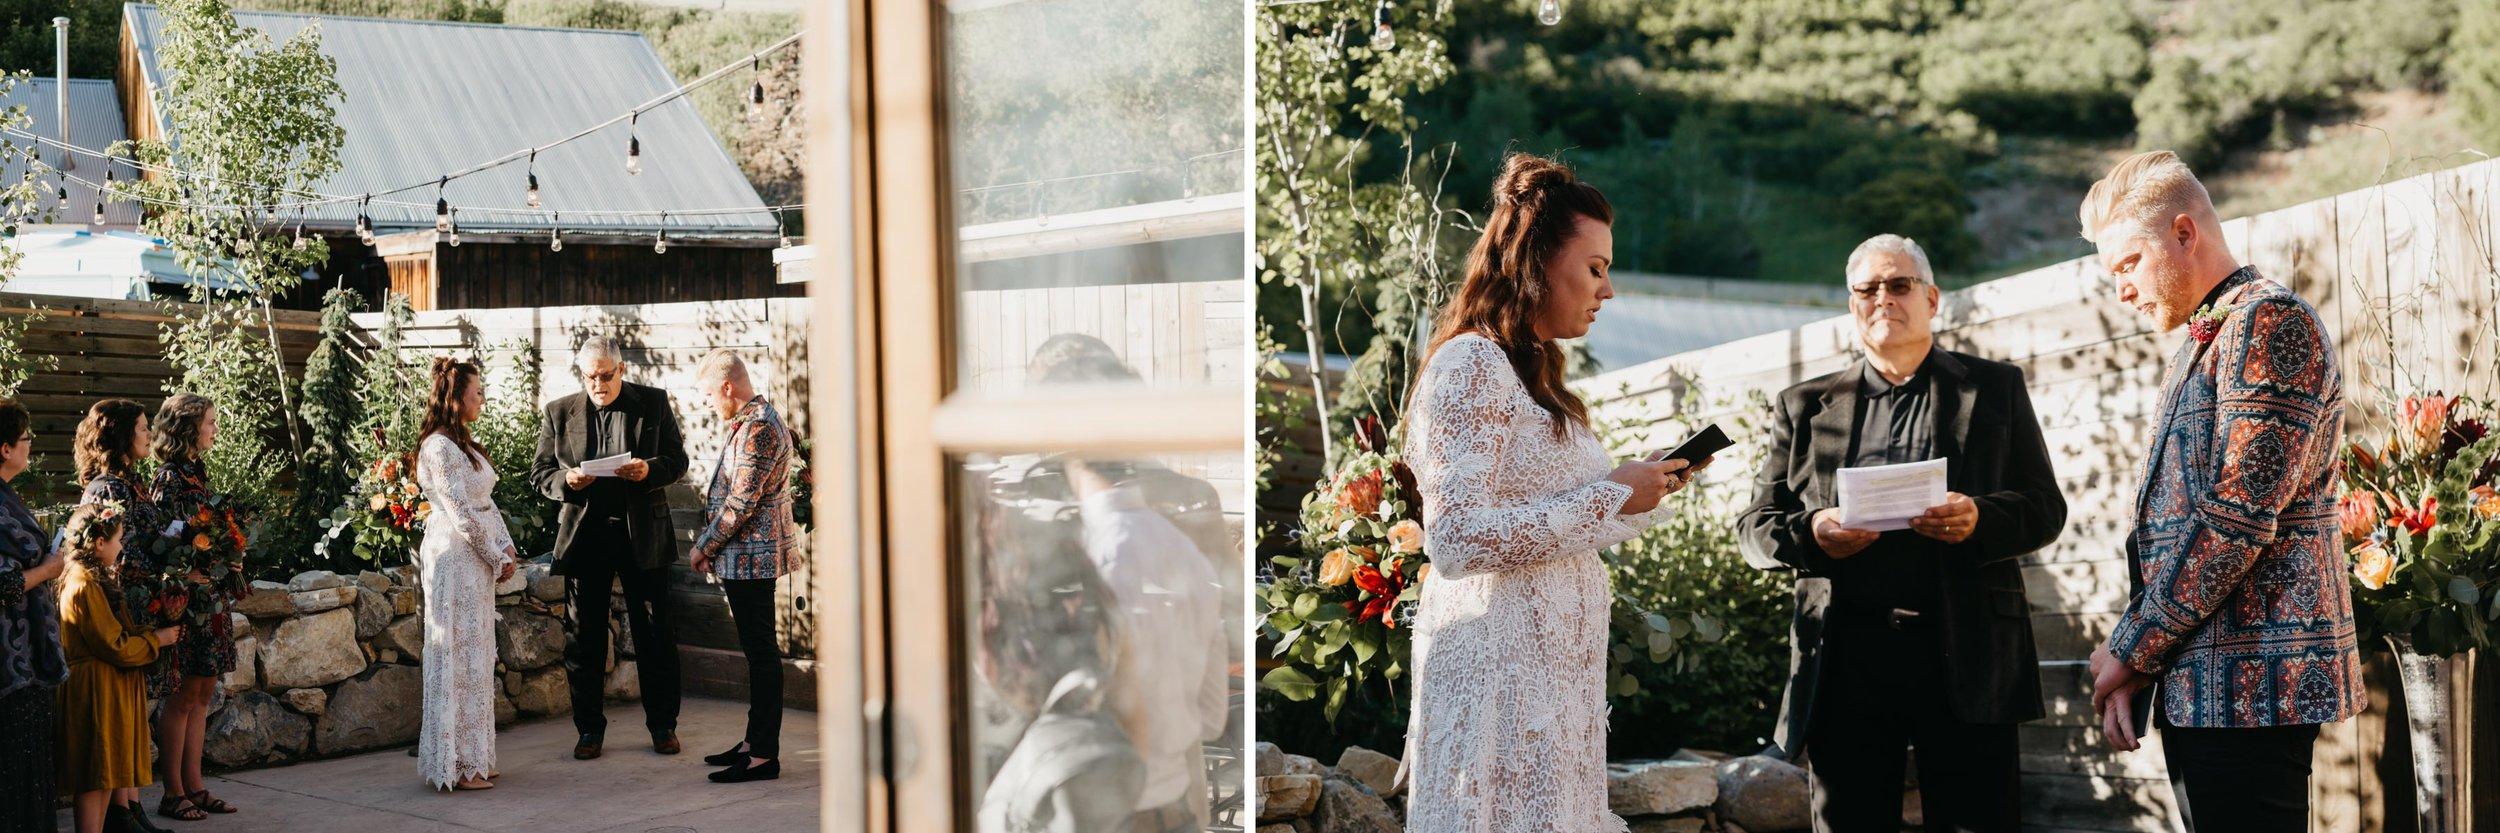 Sundance-Wedding-Photographer-012.jpg